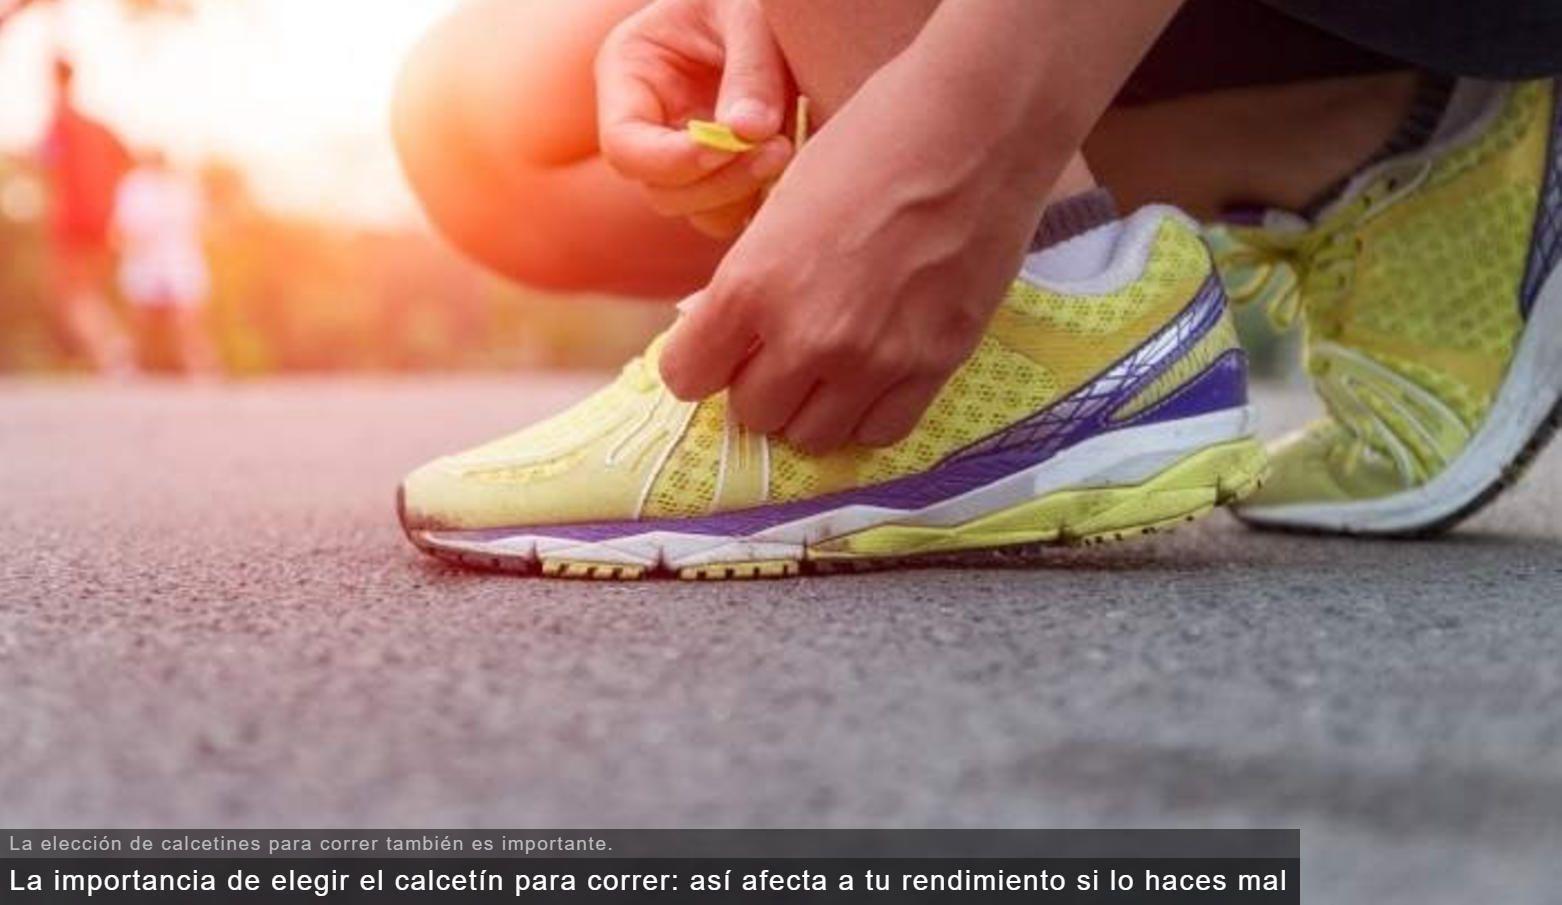 La importancia de elegir el calcetín para correr: así afecta a tu rendimiento si lo haces mal   Ver:  http://ow.ly/vIml30ehdEI